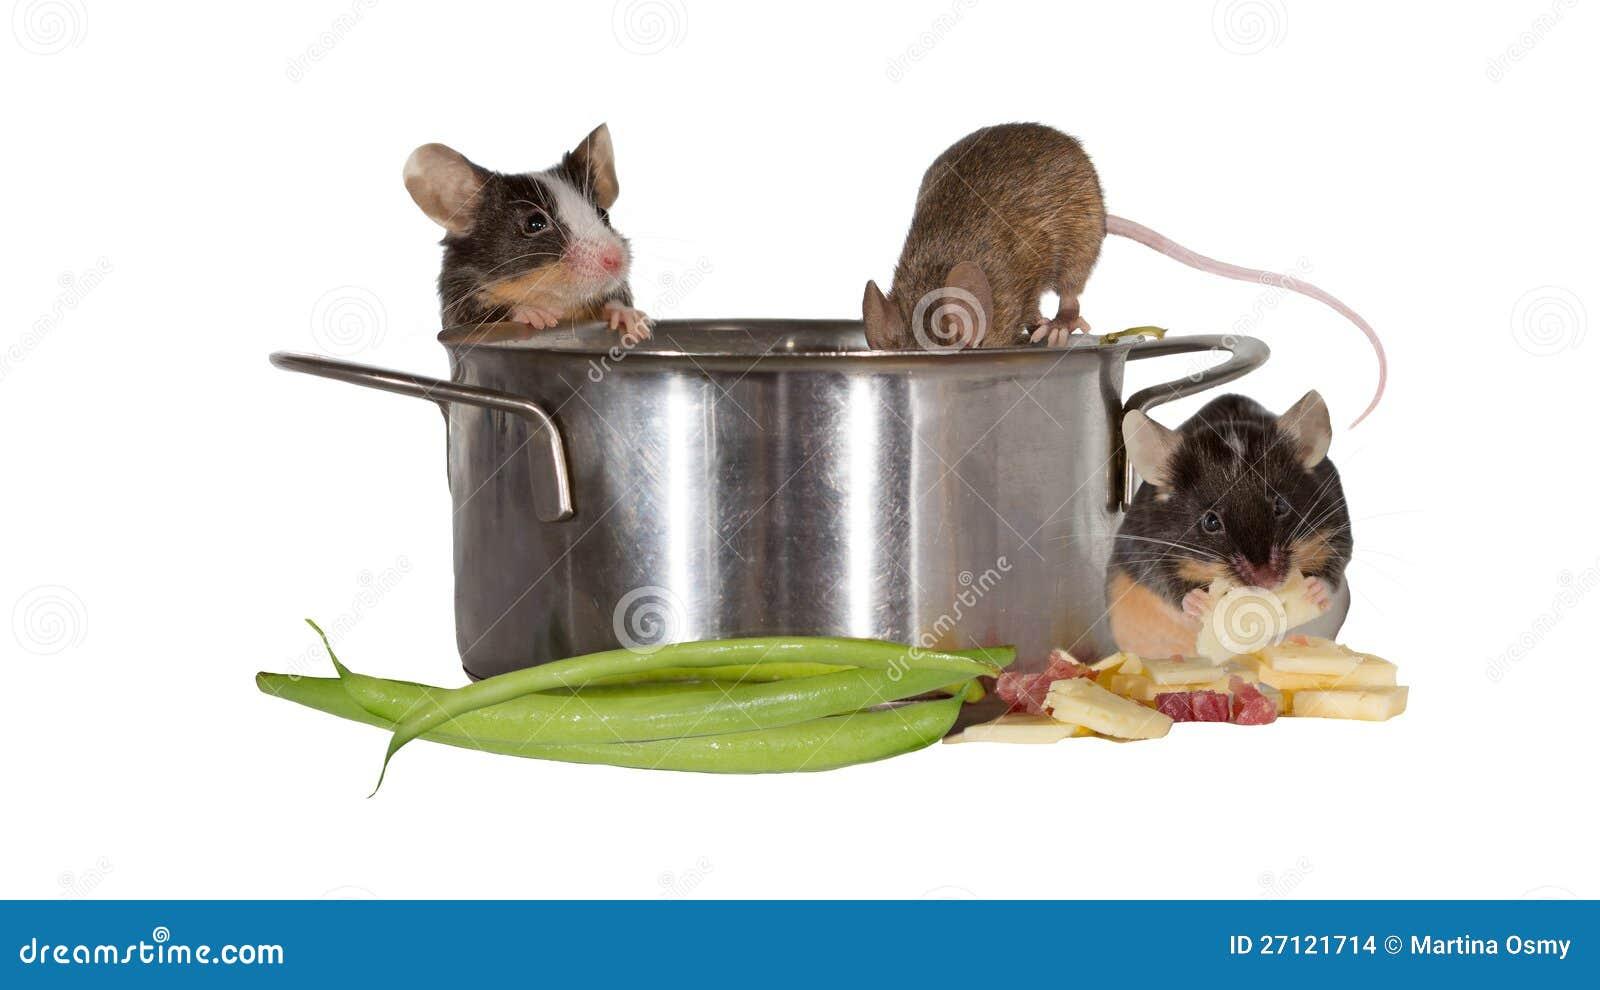 Gemütlich Mäuse Die Drähte Essen Ideen - Der Schaltplan - triangre.info